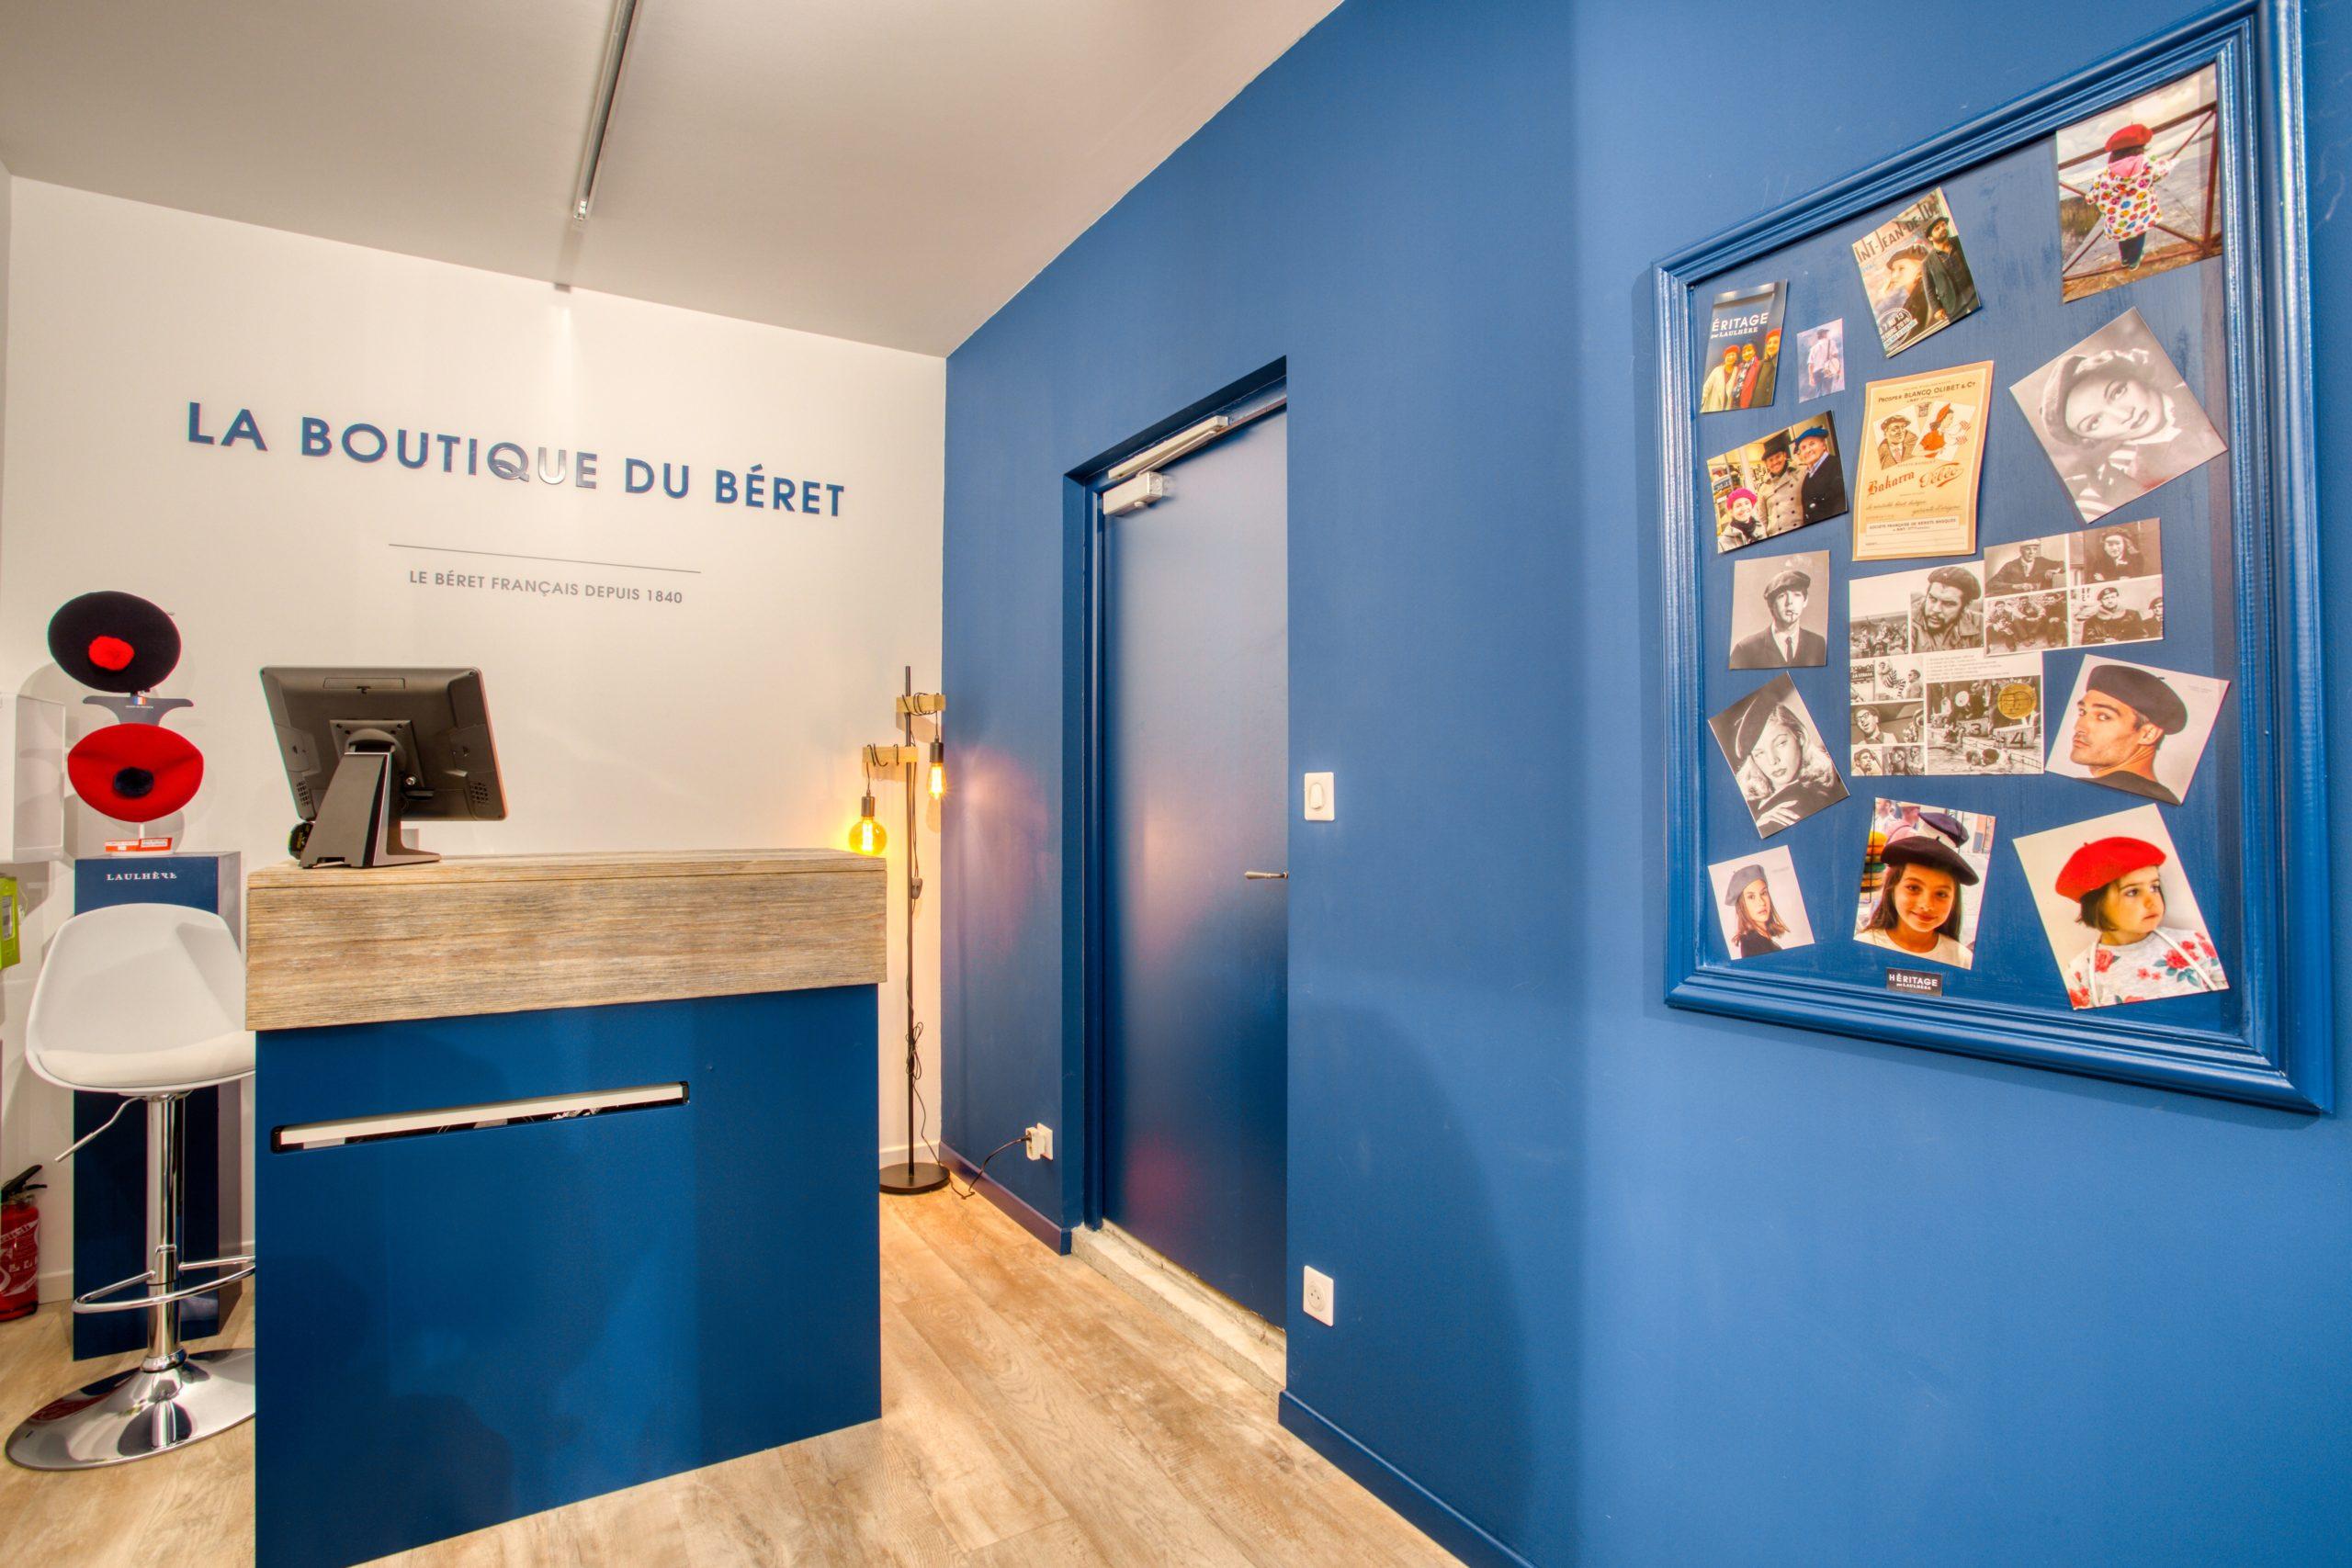 Atelier Plurielles Architectures - Aménagement Boutique Bayonne - Le Béret Basque - intérieur boutique 9